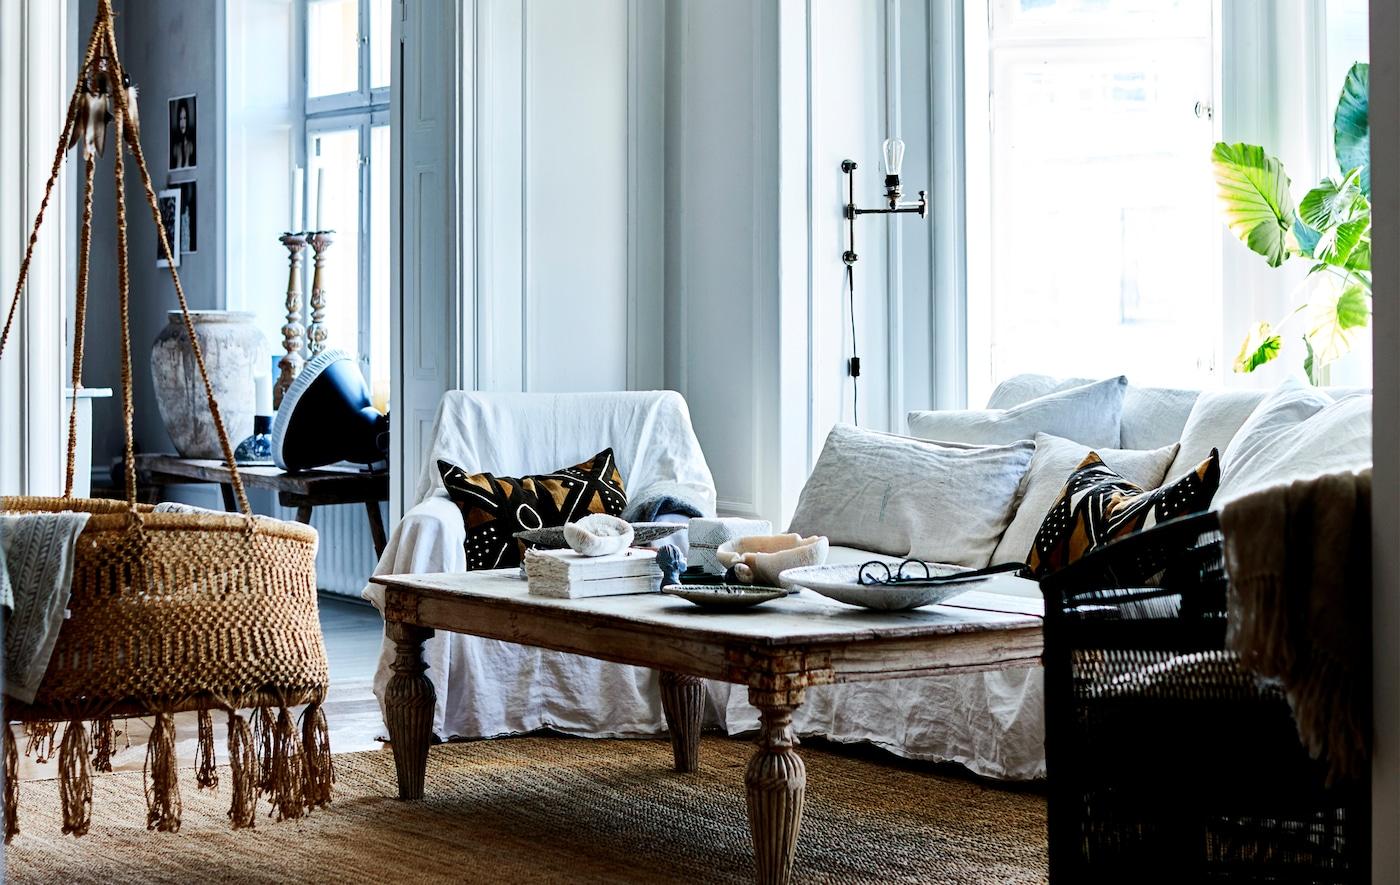 Pokój dzienny z białą sofą, rustykalnym stołem i wiszącym rattanowym siedziskiem.